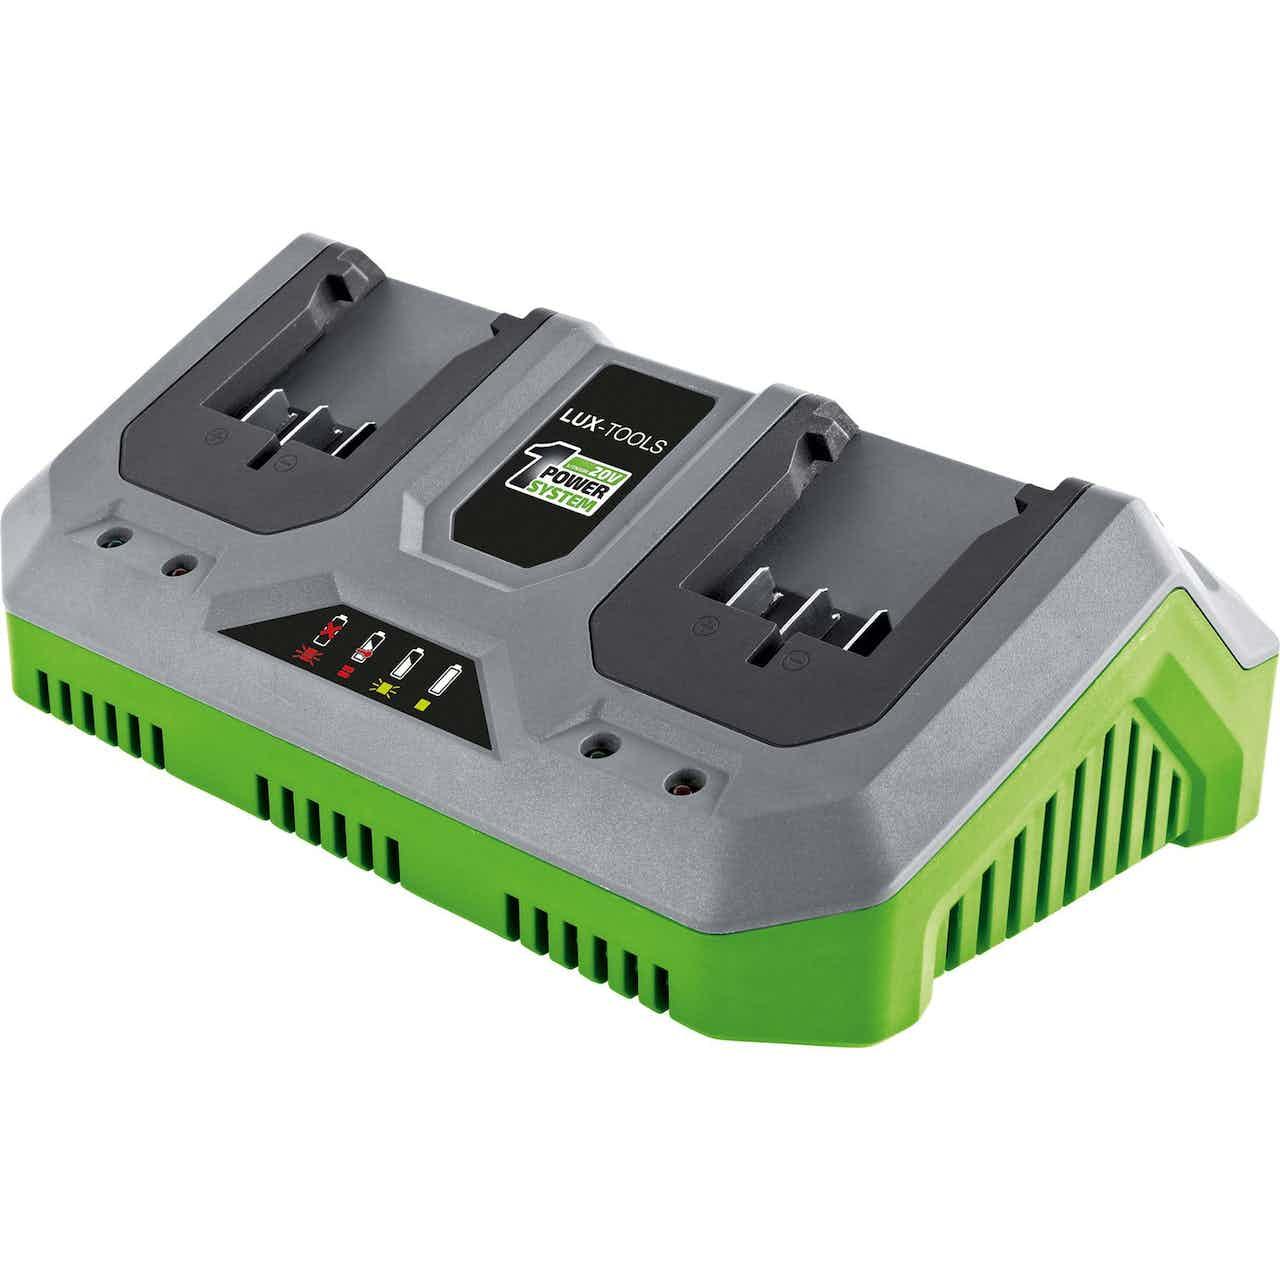 LUX 20 V Doppel-Schnellladegerät 1 PowerSystem